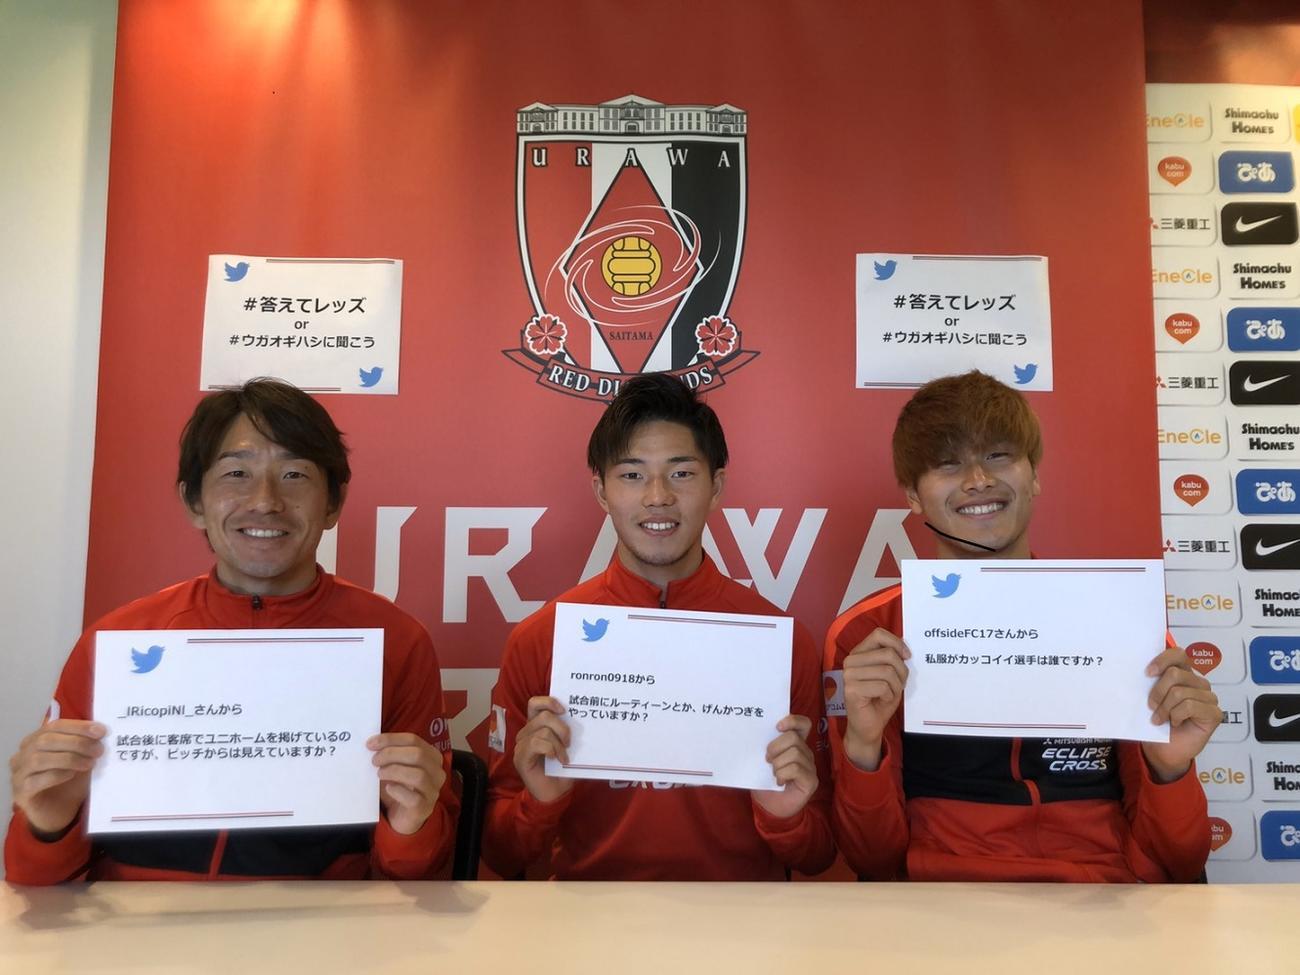 ツイッターのライブ配信でサポーターの質問に応じる浦和の3選手。左から宇賀神、荻原、橋岡(浦和レッズ提供)